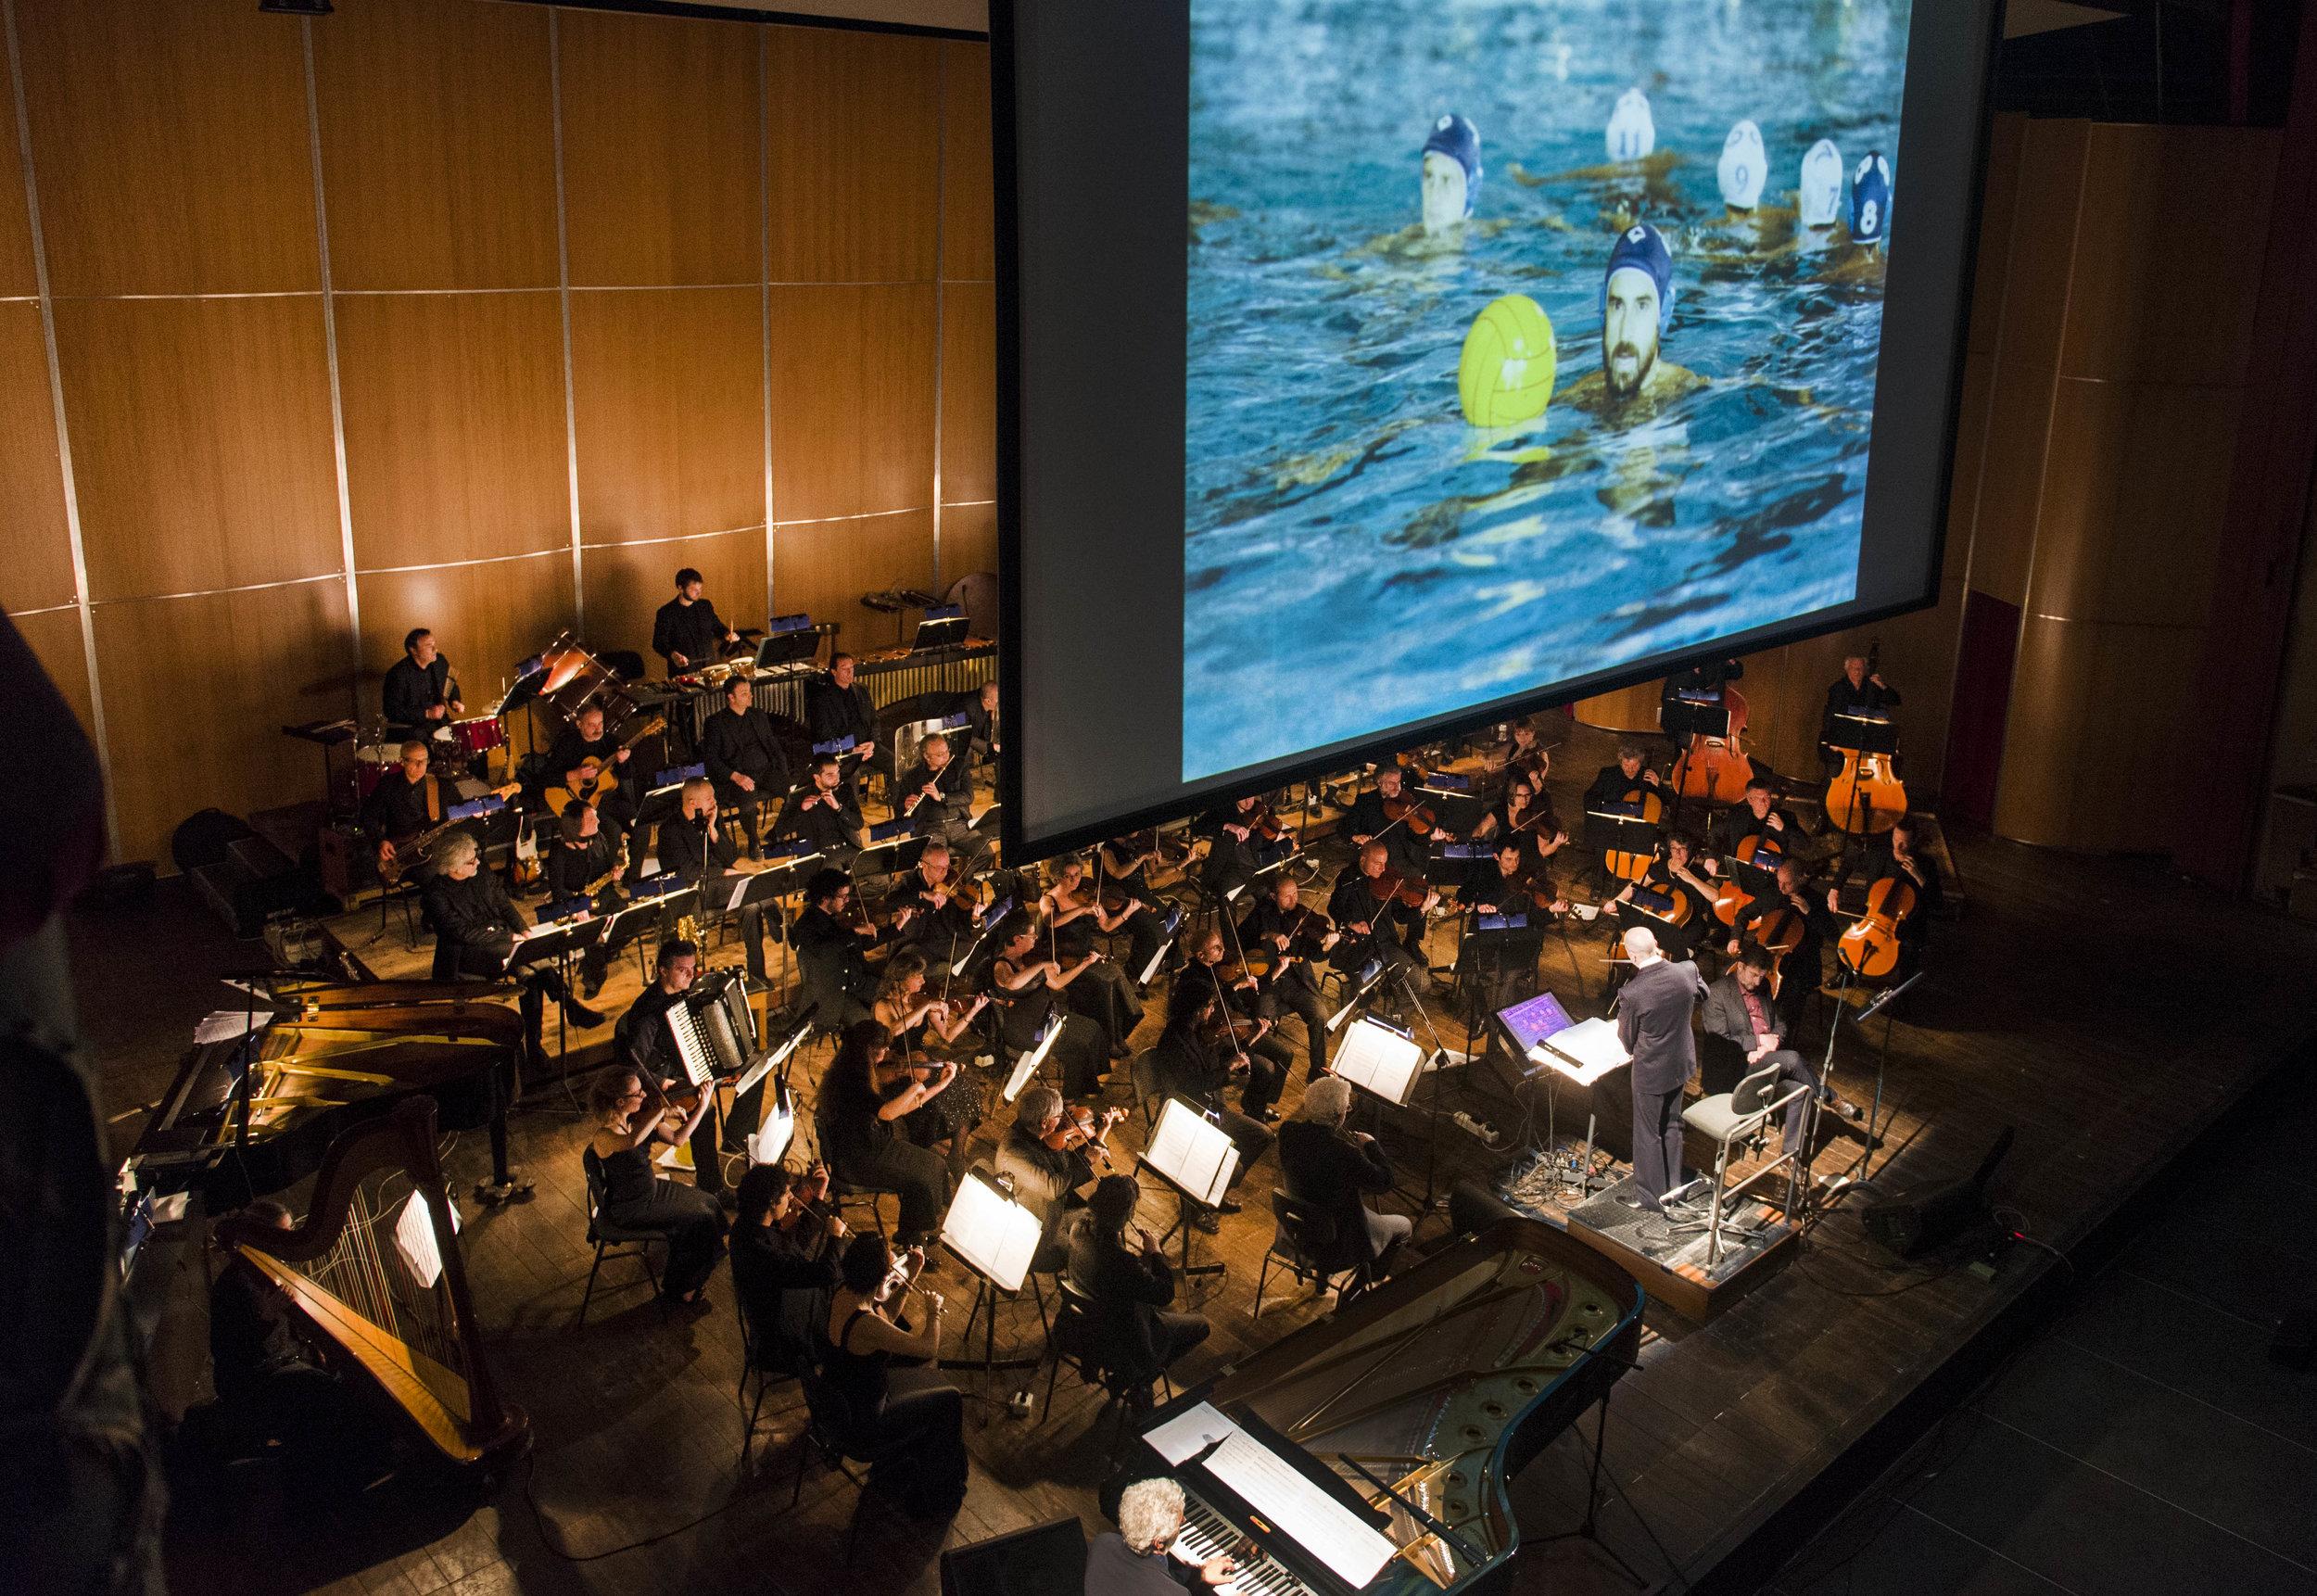 Concerto Moretti with the Orchestra della Toscana and the Oscar Winner Nicola Piovani at the Piano